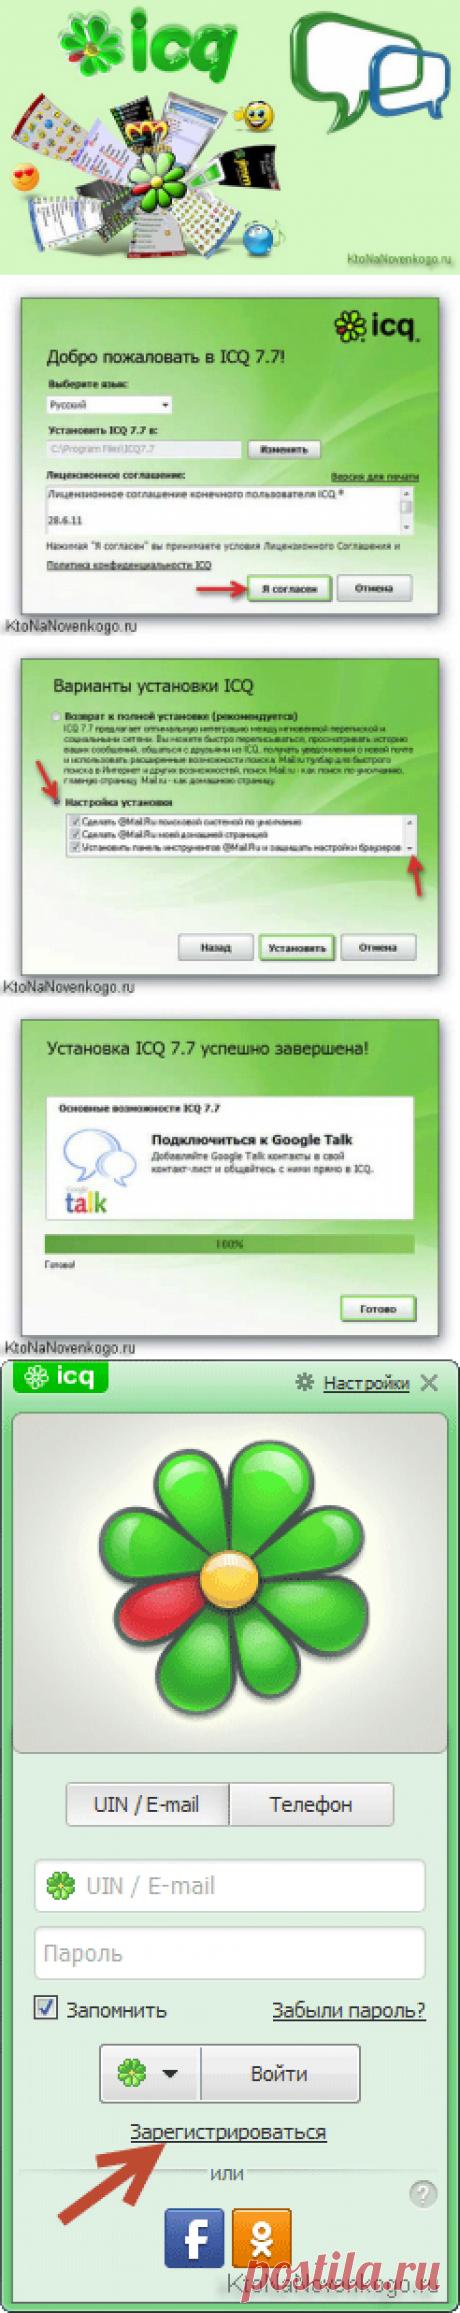 Что такое ICQ, как его установить и пользоваться?